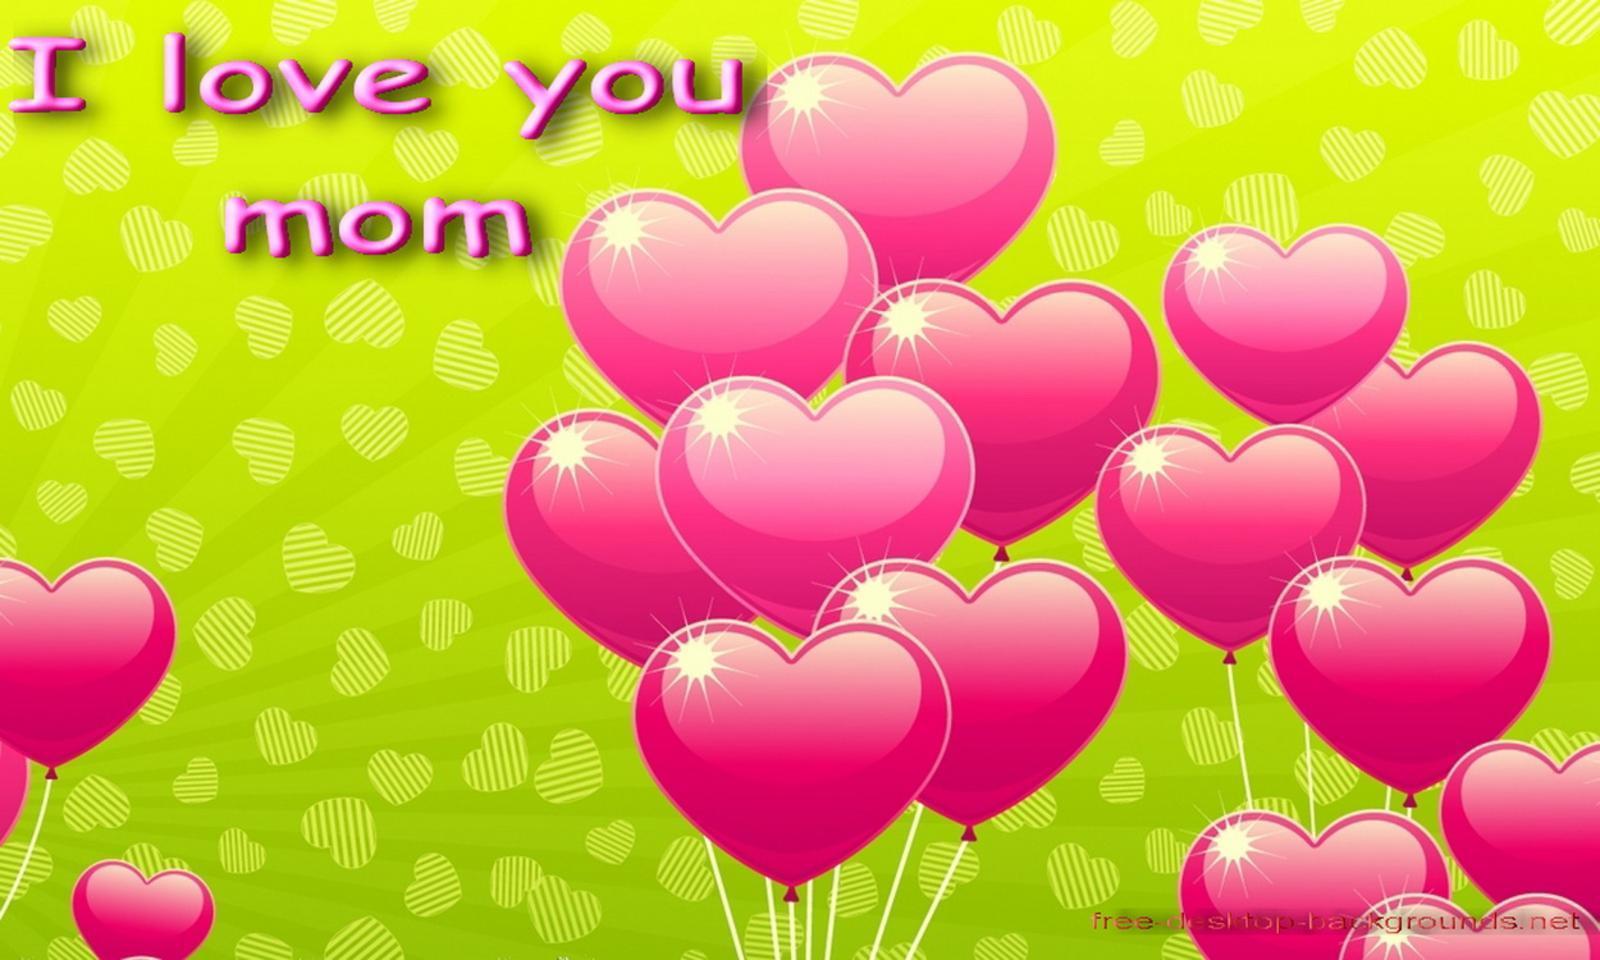 Aravind 3d Wallpapers I Love You Mom Desktop Wallpapers Desktop Background